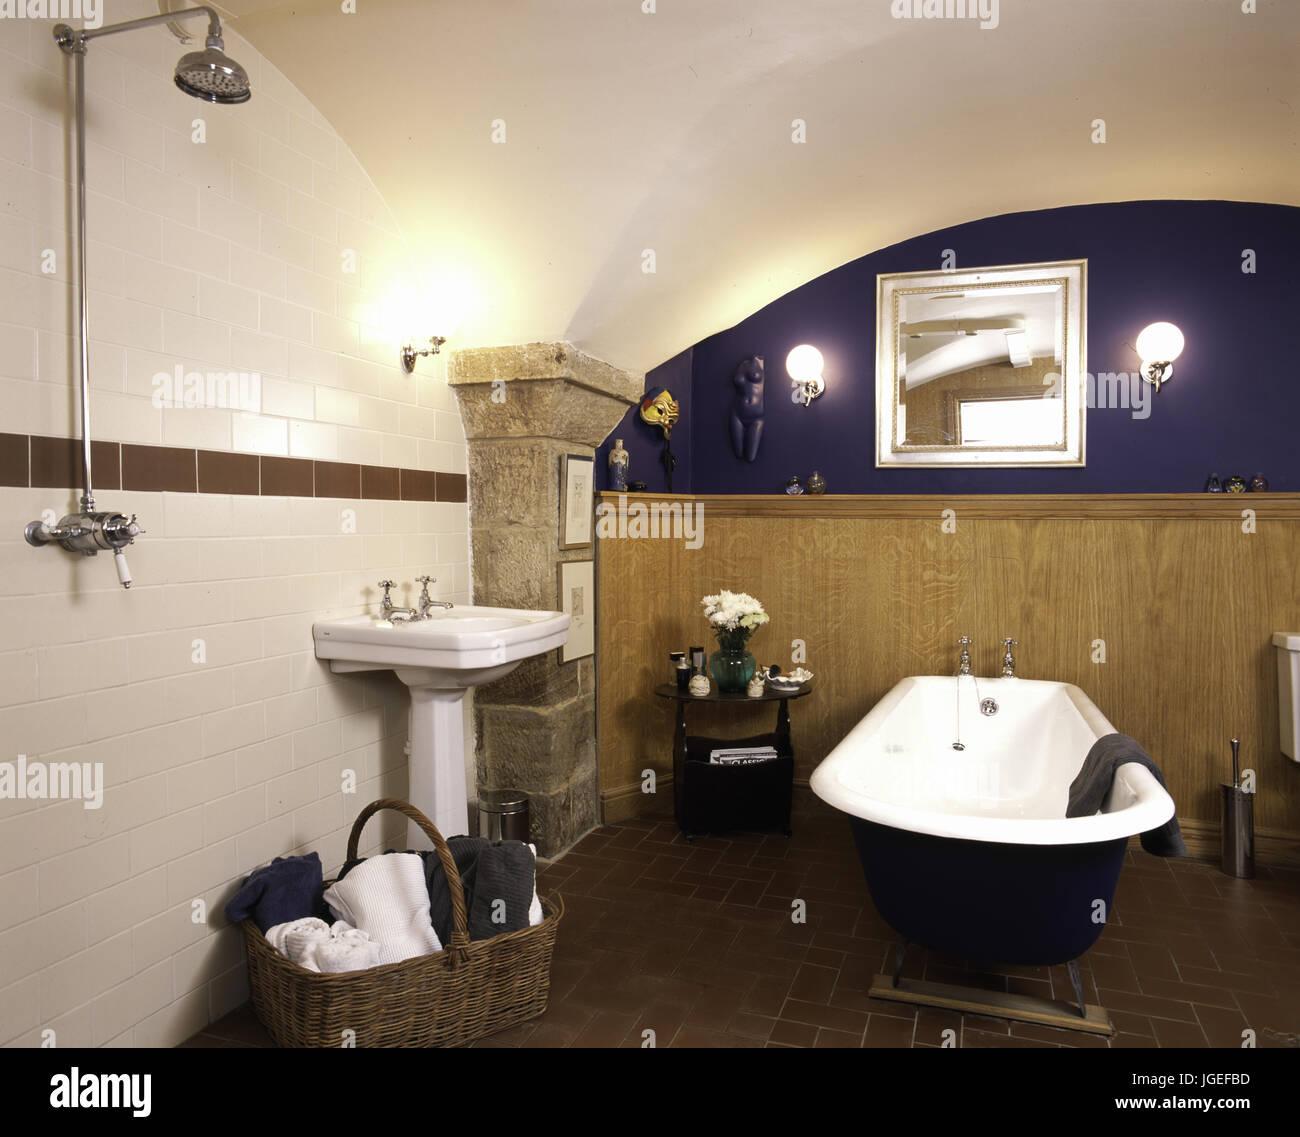 Best vasca da bagno e doccia separata in piccole stanze da bagno rinnovate nel foro del carbone - Vasche da bagno piccole leroy merlin ...